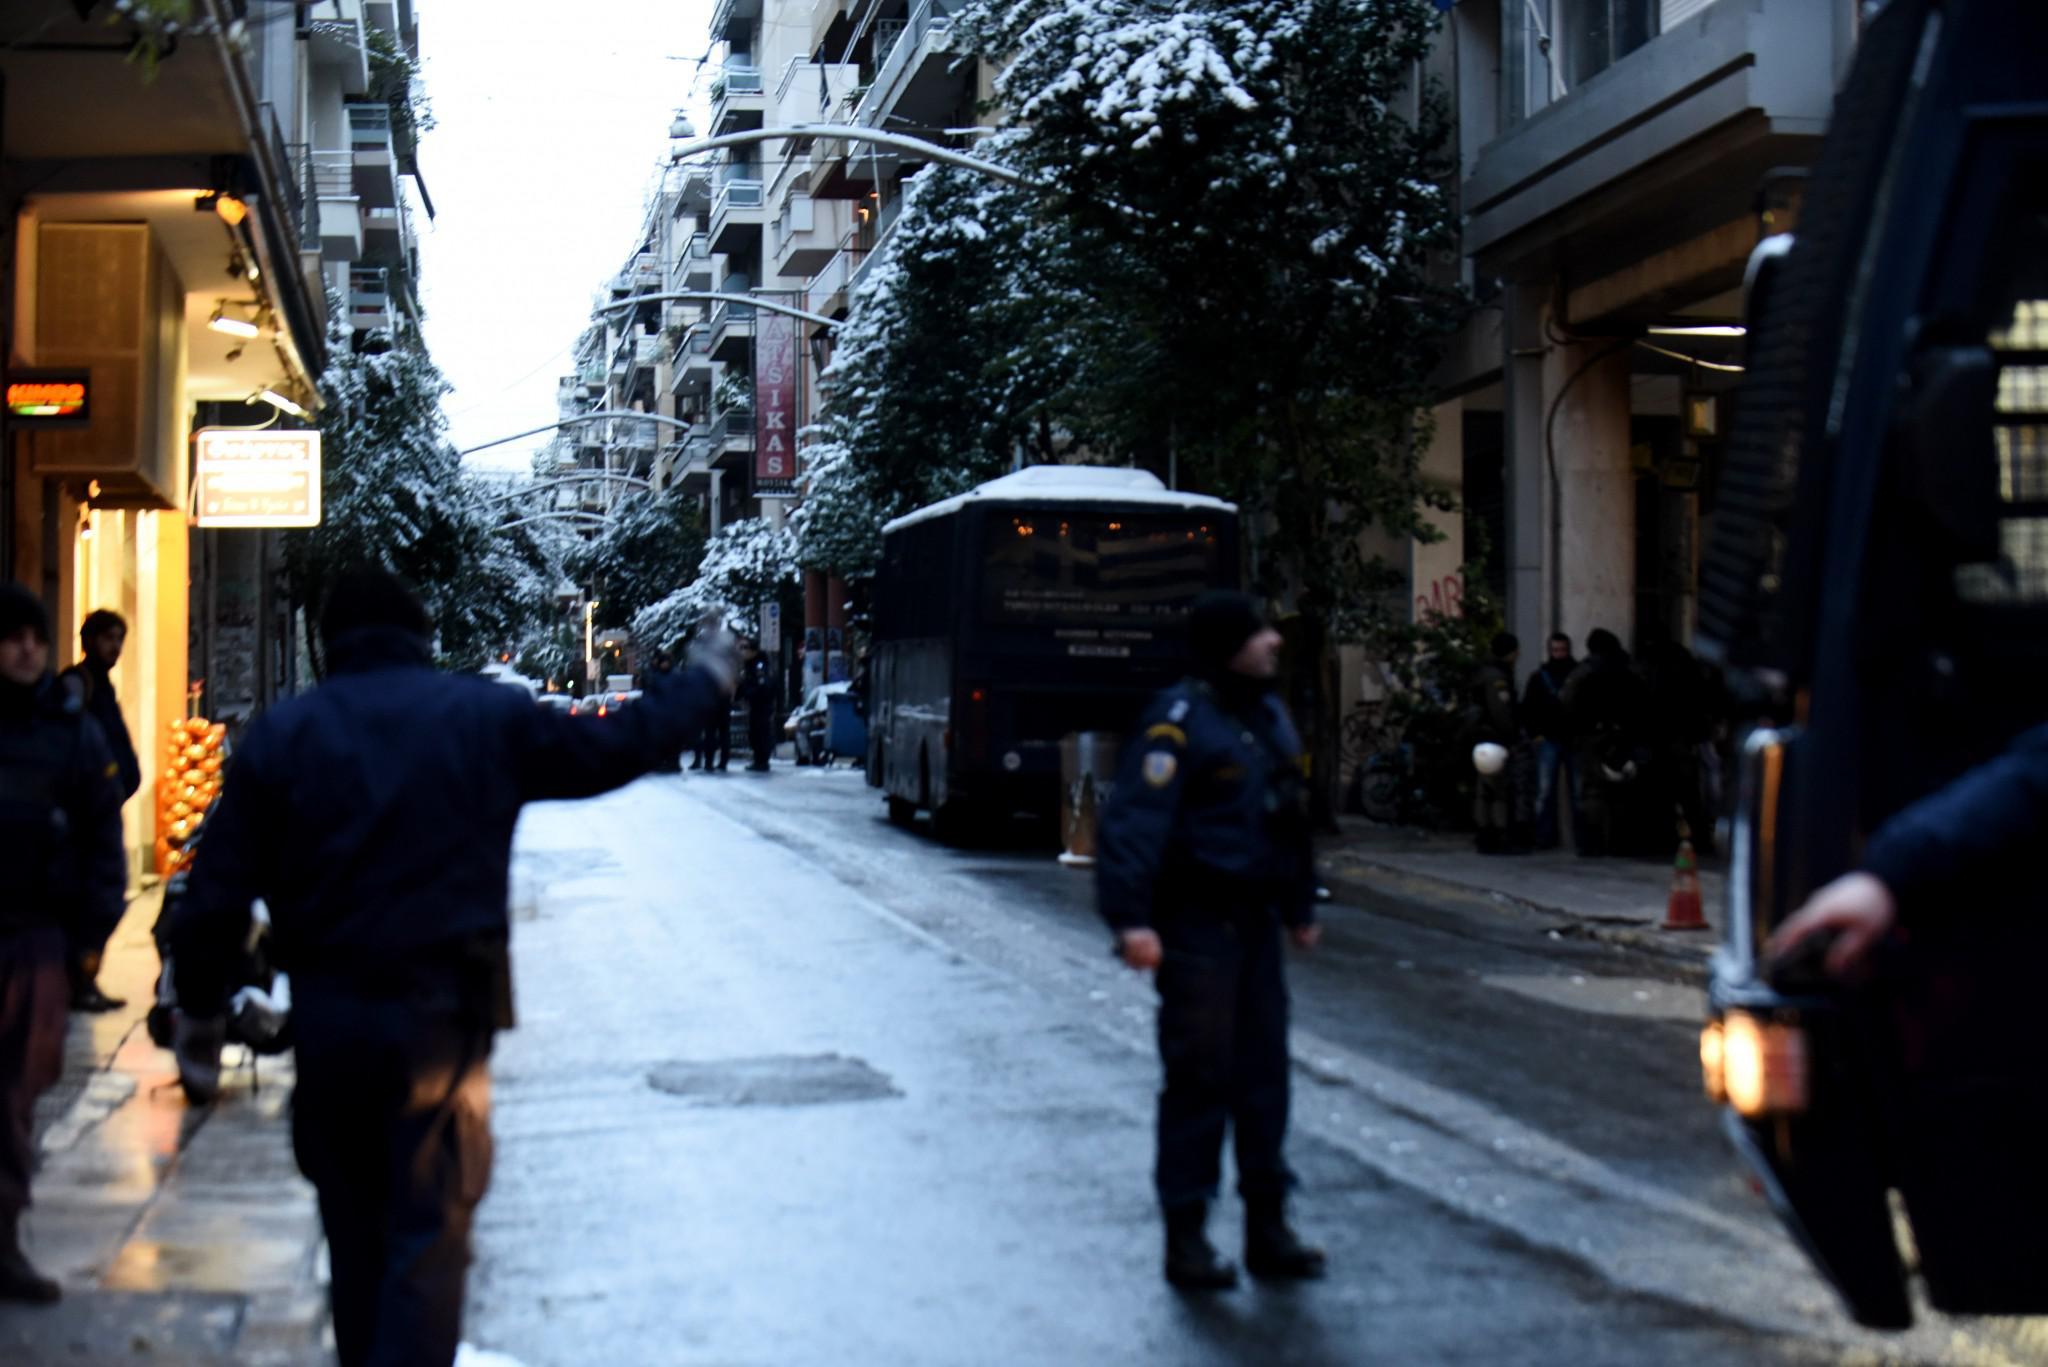 purovolismoi-grafeia-pasok-mat-traumatias-4 Πώς η «Επαναστατική Αυτοάμυνα» τραυμάτισε αστυνομικό έξω από τα γραφεία του ΠΑΣΟΚ